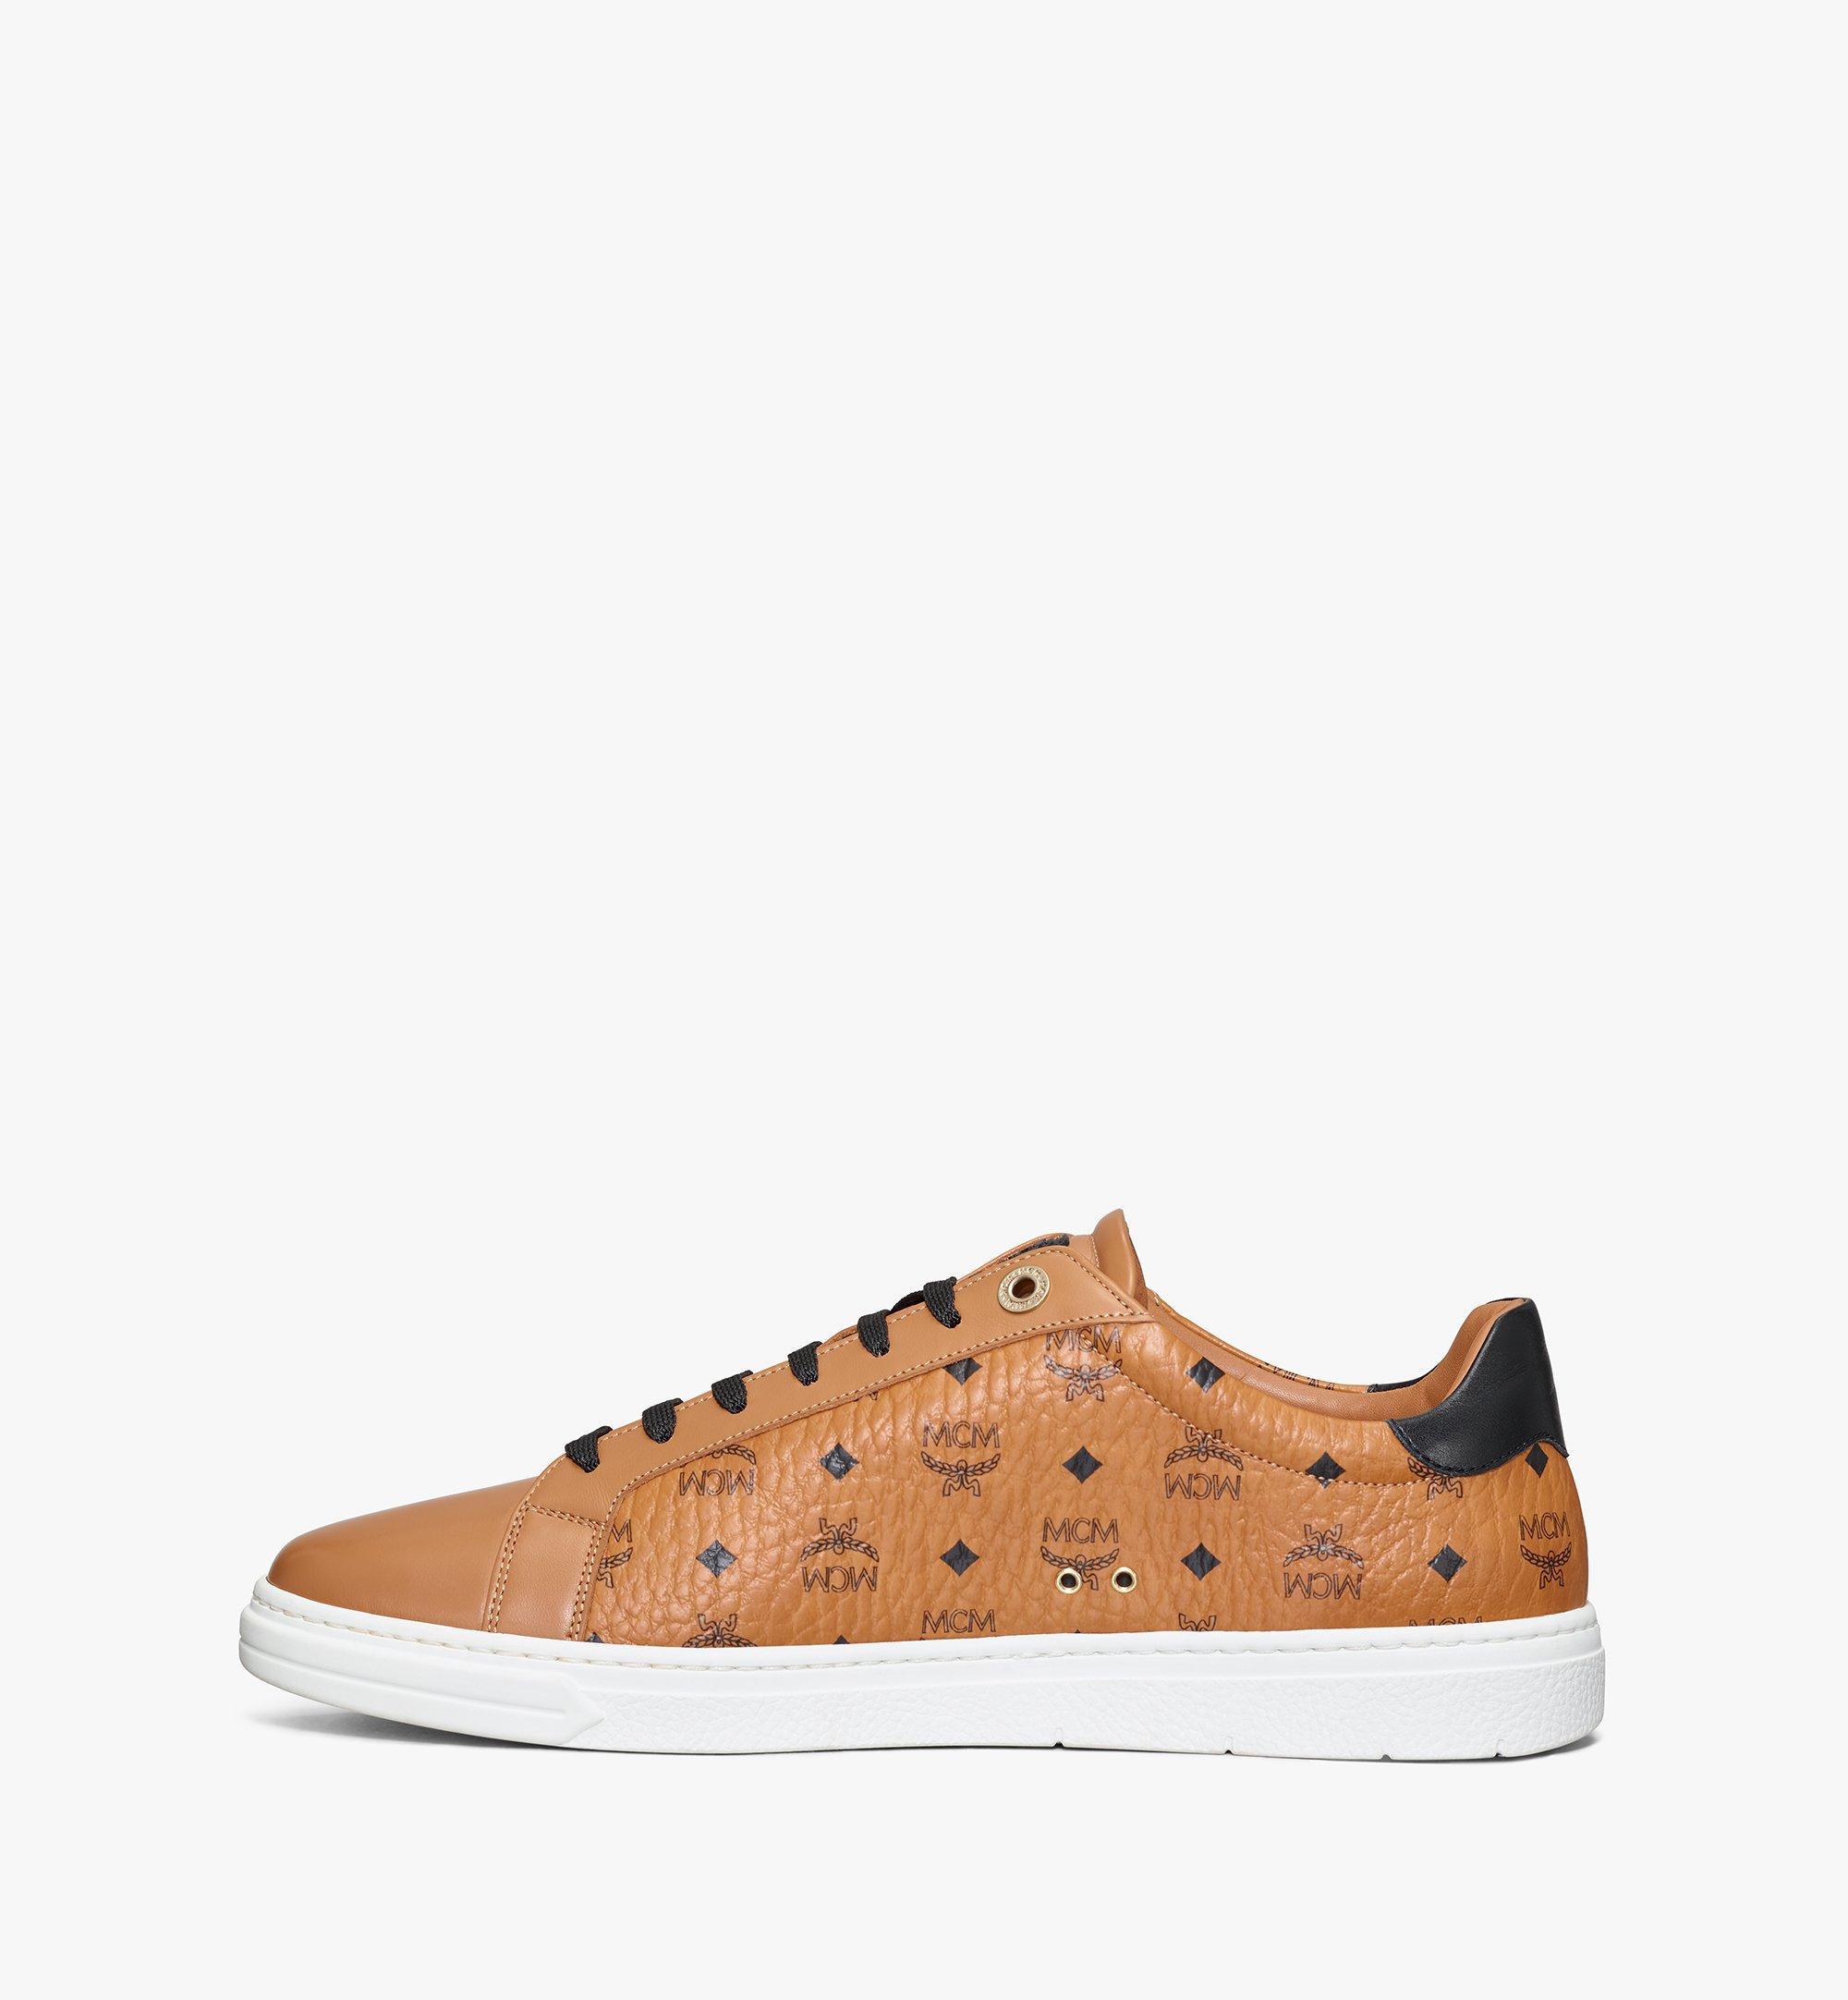 MCM Men's Terrain Lo Sneakers in Visetos Cognac MEXAAMM11CO041 更多視圖 1